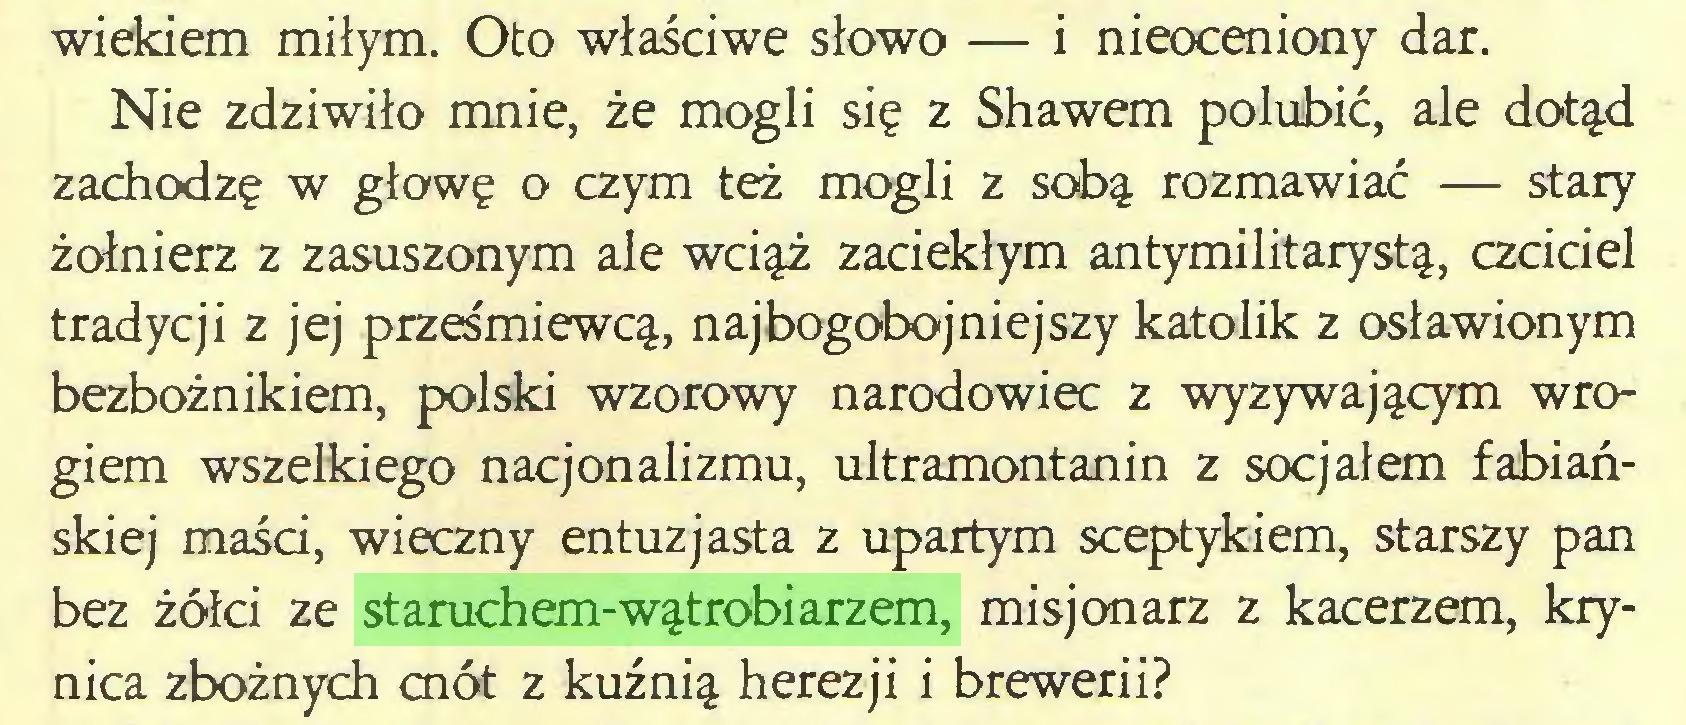 (...) wiekiem miłym. Oto właściwe słowo — i nieoceniony dar. Nie zdziwiło mnie, że mogli się z Shawem polubić, ale dotąd zachodzę w głowę o czym też mogli z sobą rozmawiać — stary żołnierz z zasuszonym ale wciąż zaciekłym antymilitarystą, czciciel tradycji z jej prześmiewcą, najbogobojniejszy katolik z osławionym bezbożnikiem, polski wzorowy narodowiec z wyzywającym wrogiem wszelkiego nacjonalizmu, ultramontanin z socjałem fabiańskiej maści, wieczny entuzjasta z upartym sceptykiem, starszy pan bez żółci ze staruchem-wątrobiarzem, misjonarz z kacerzem, krynica zbożnych cnót z kuźnią herezji i brewerii?...